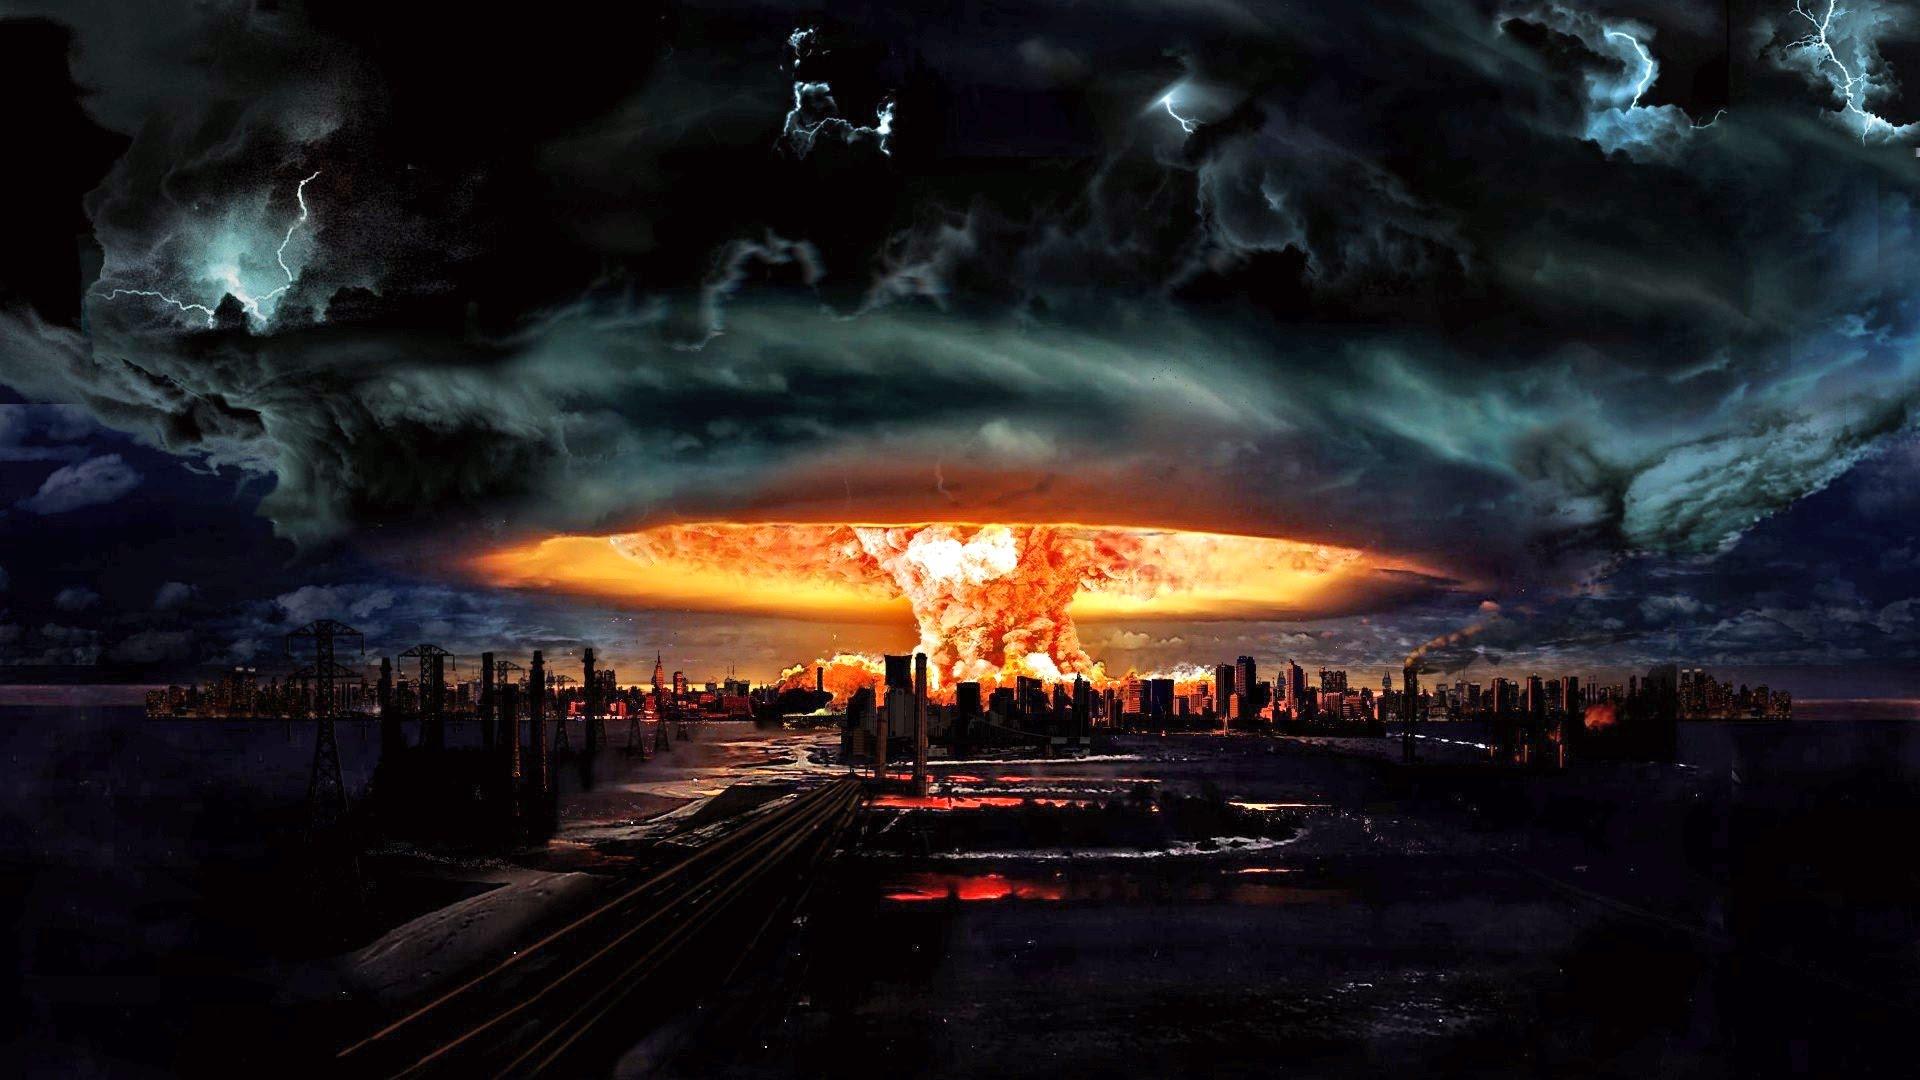 Ядерное ружьишко, висящие на «гвоздике» Хиросимы, согласно законам драматургии, определенно,  скоро выстрелит.